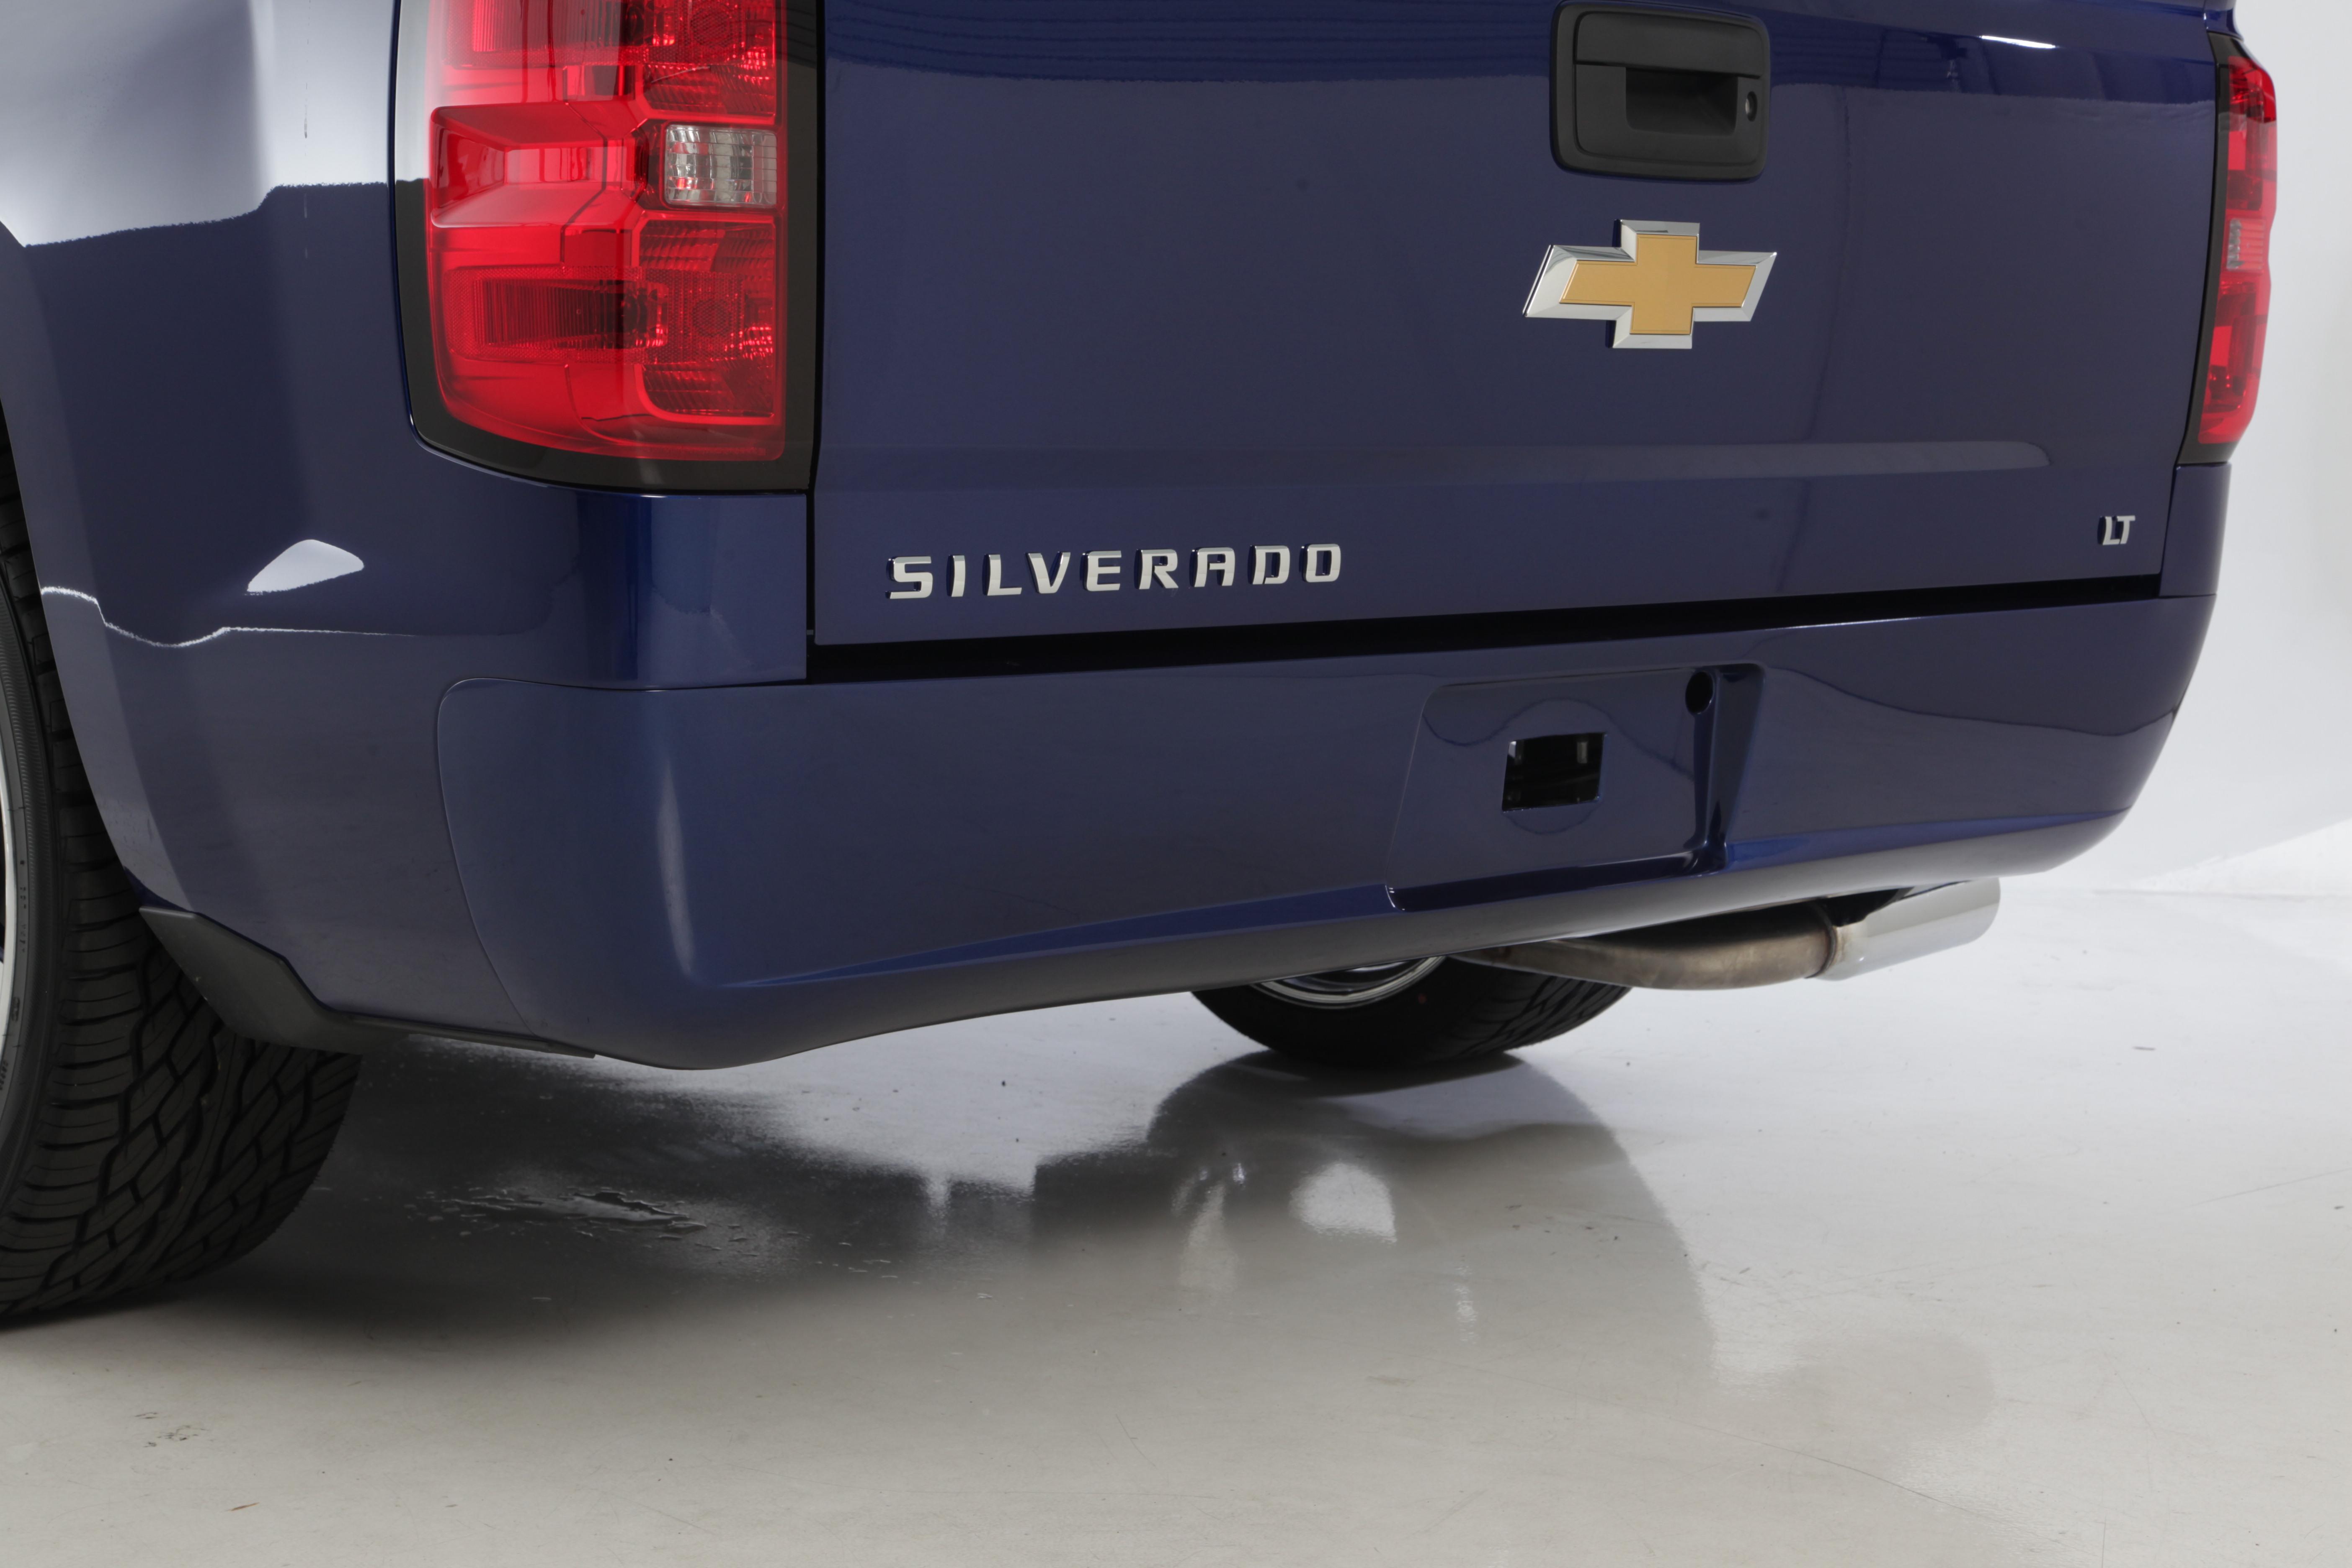 2003 chevy silverado 2500hd front bumper